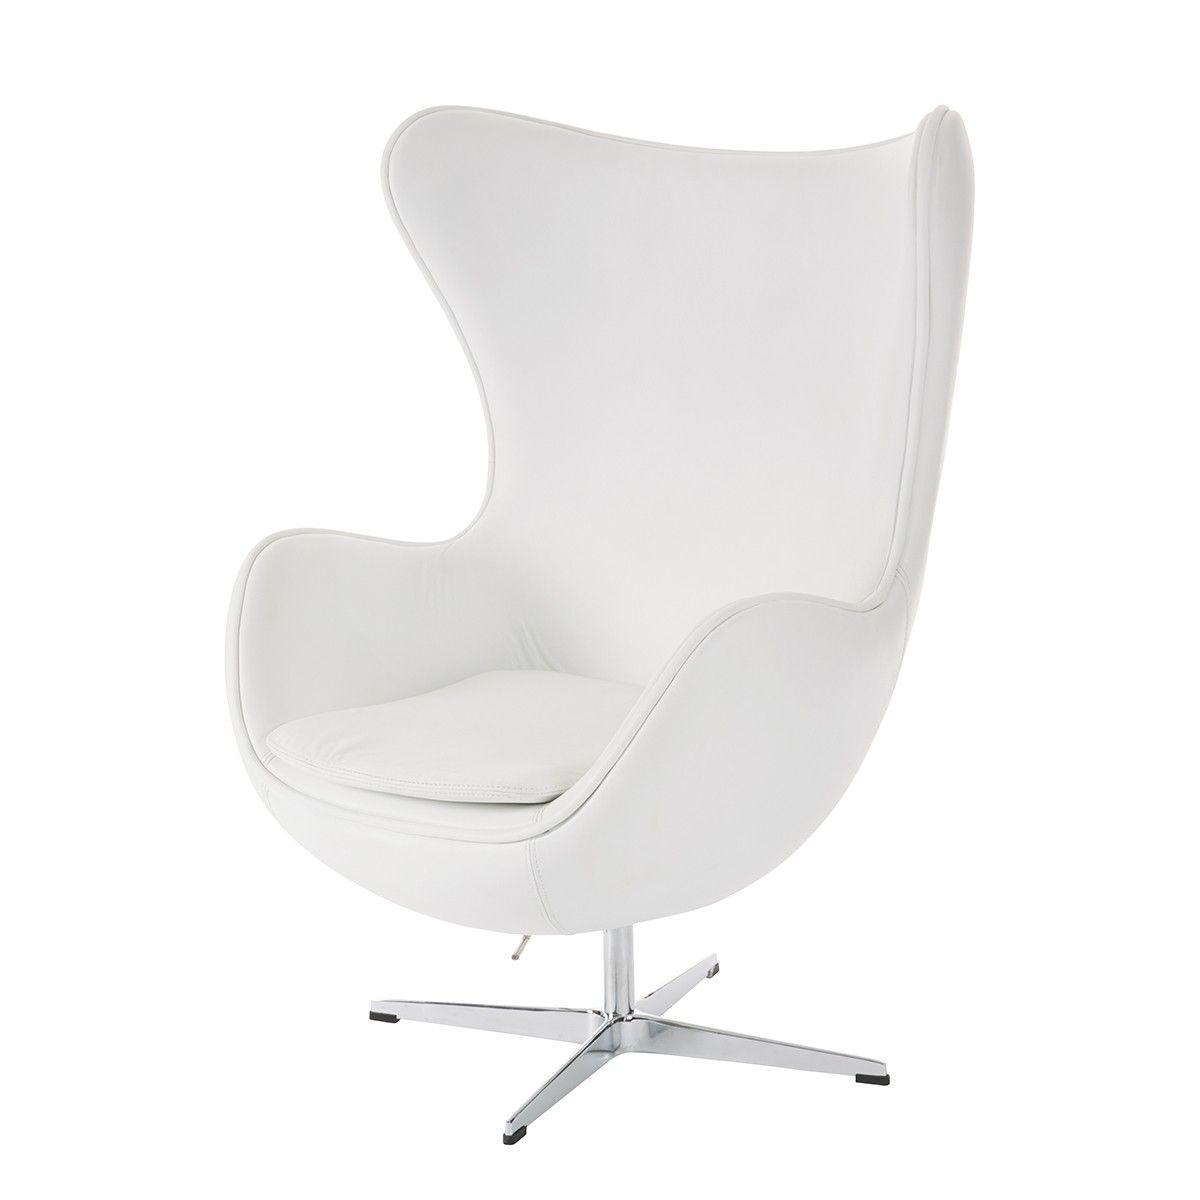 replica arne jacobsen egg chair italian leather online range